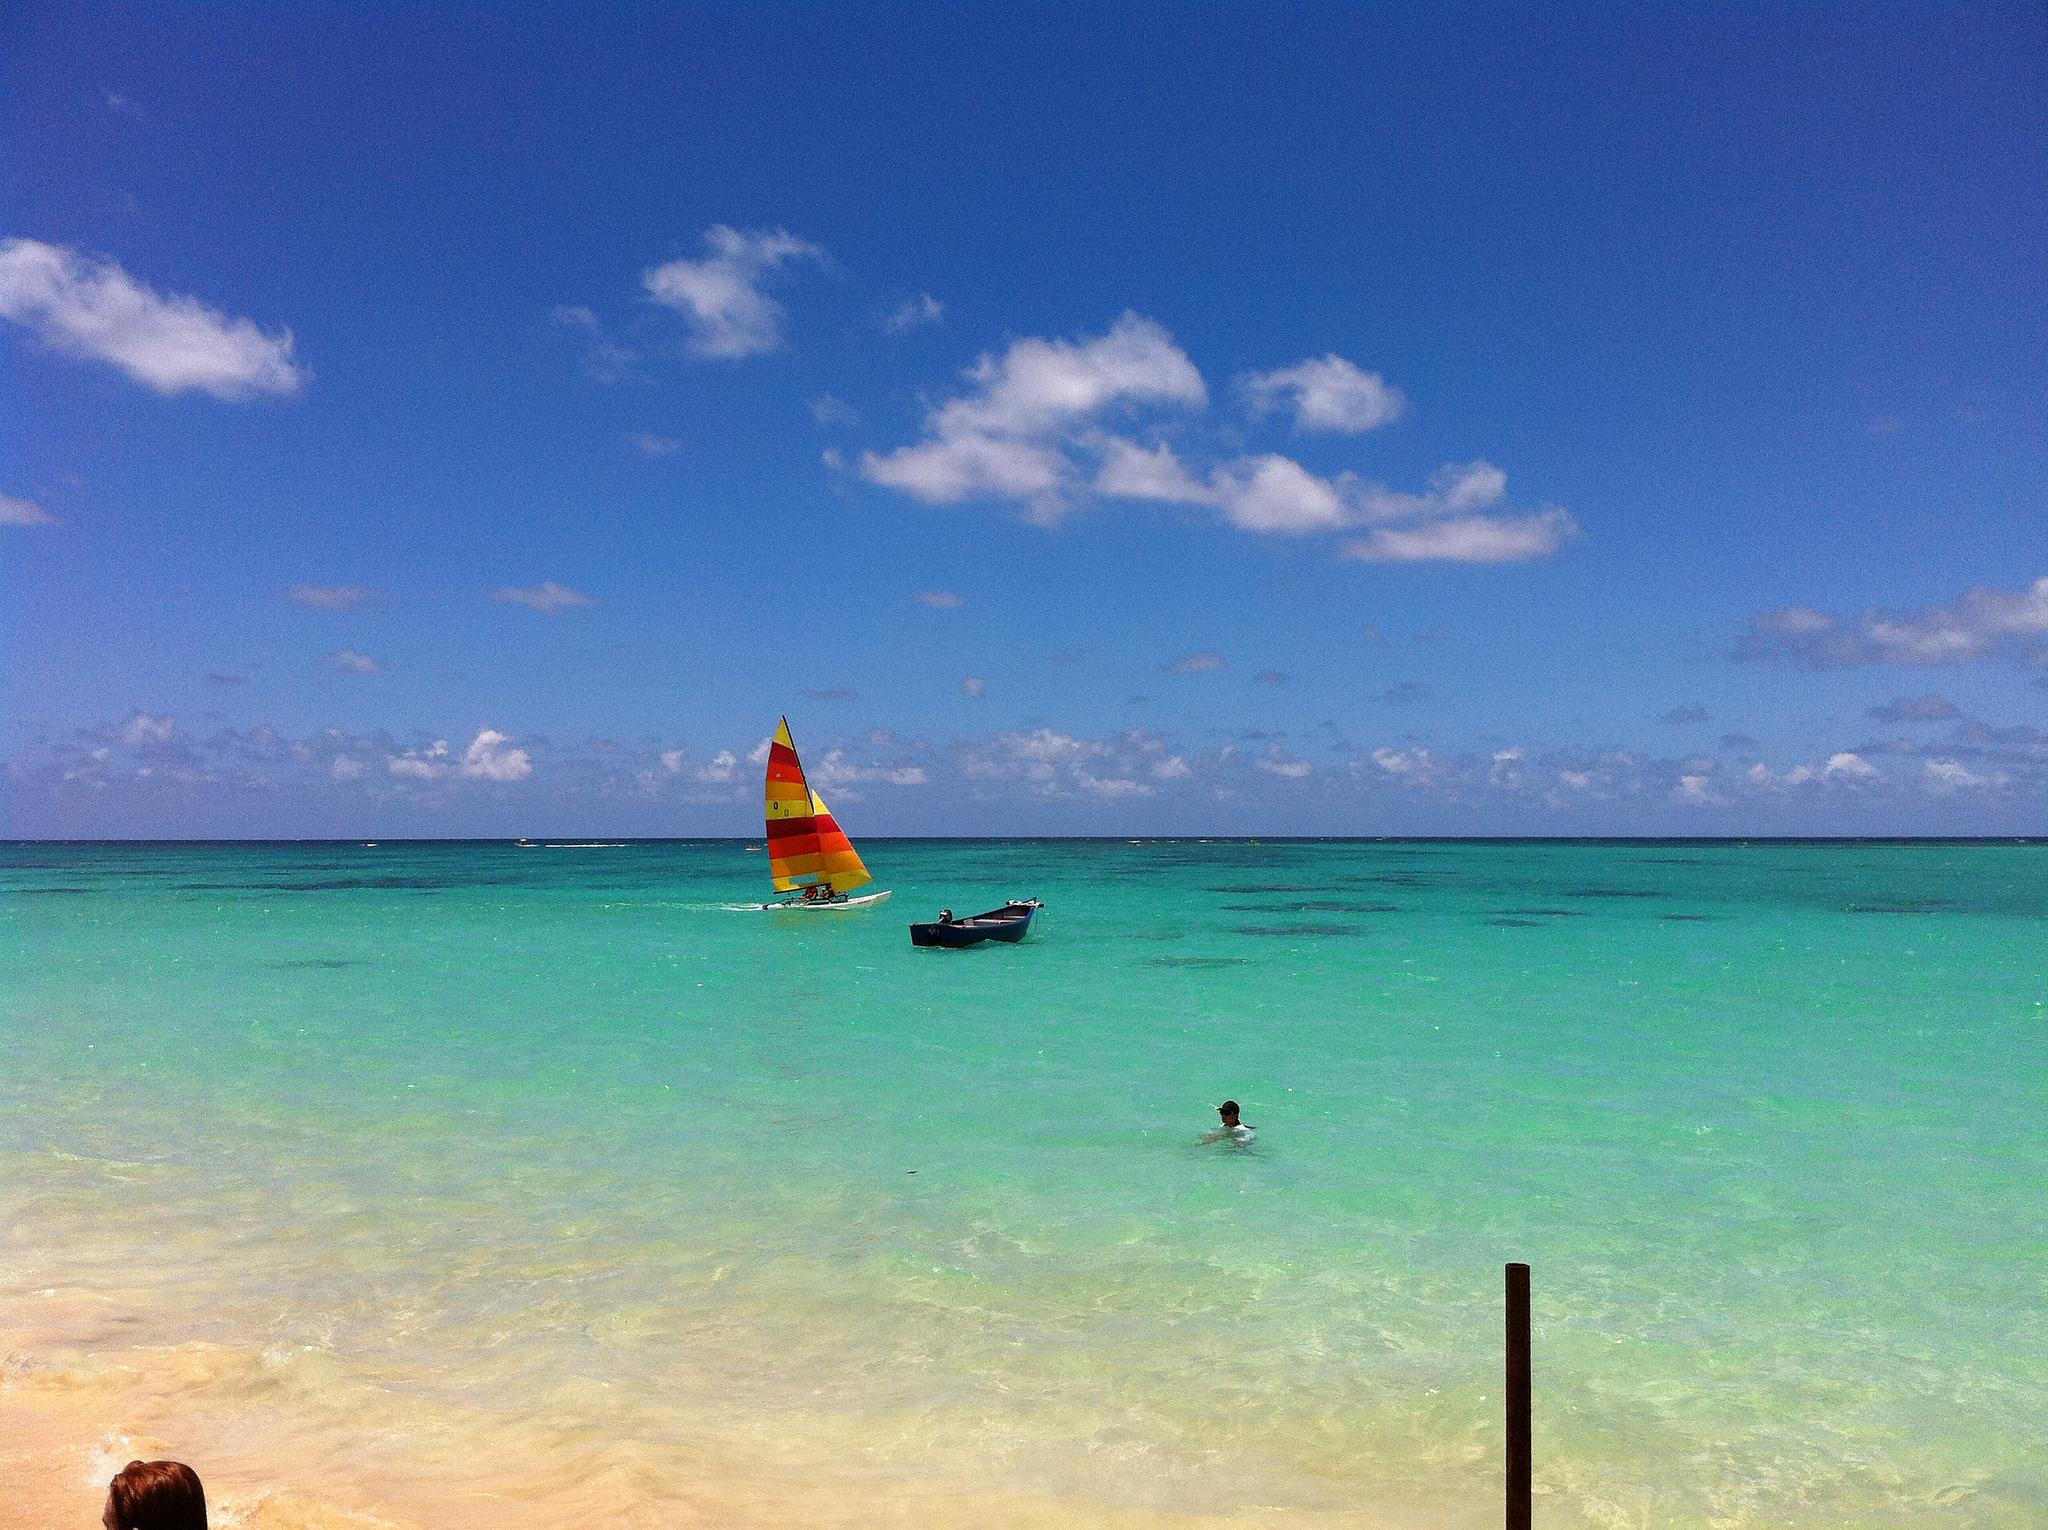 Kailua Beach Adventures blue sky and beach